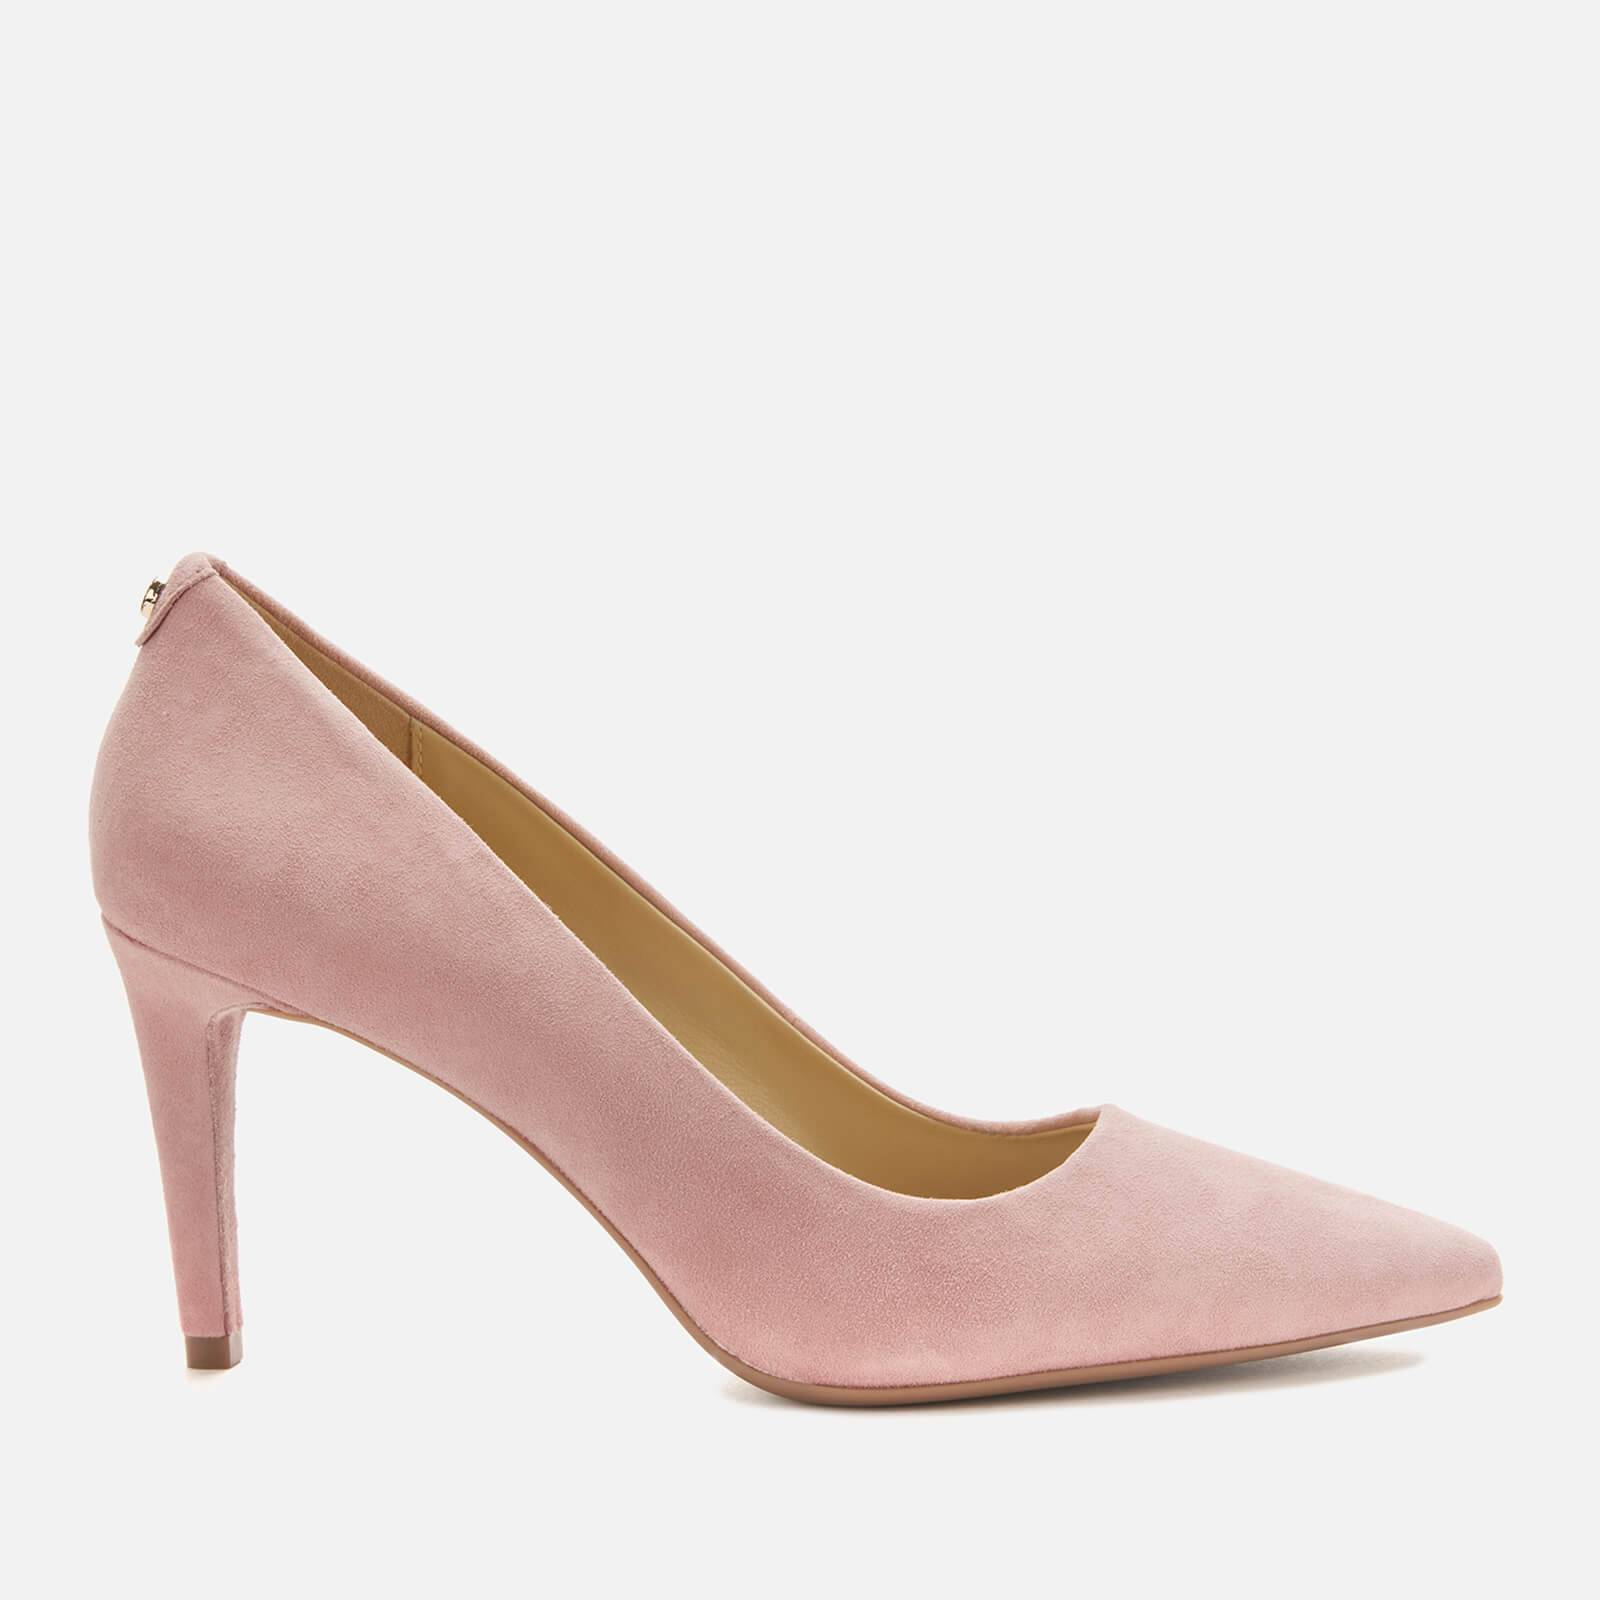 MICHAEL MICHAEL KORS Women's Dorothy Flex Suede Court Shoes - Sunset Peach - UK 4/US 7